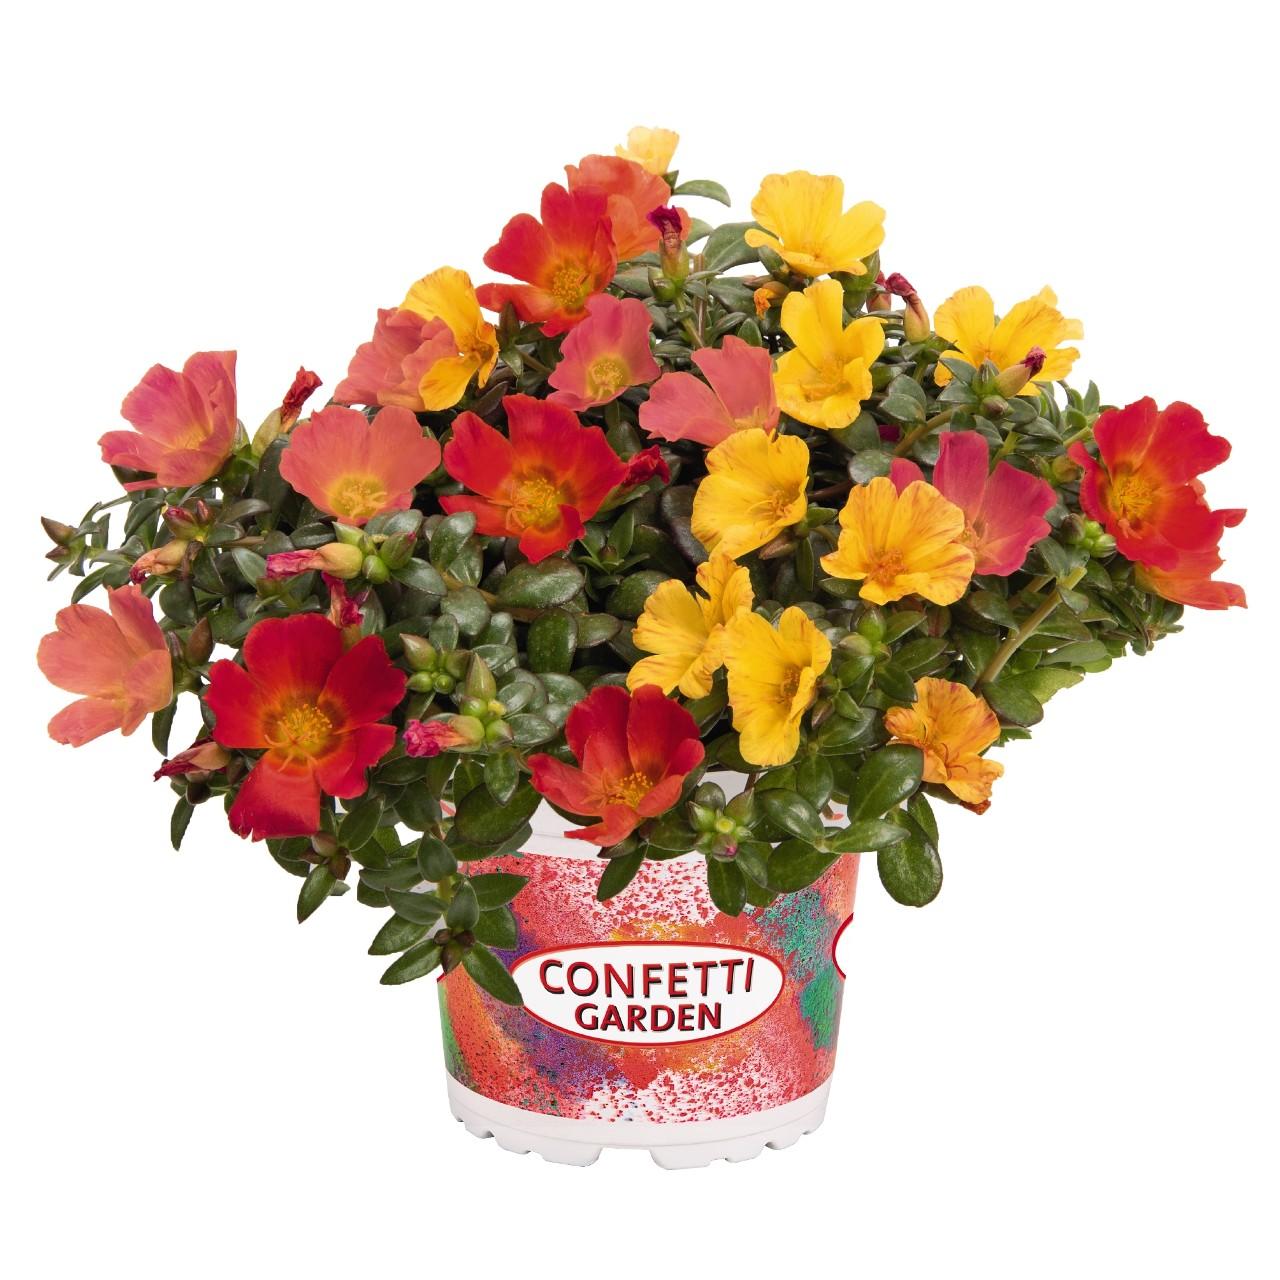 Confetti Garden Cupcake Party